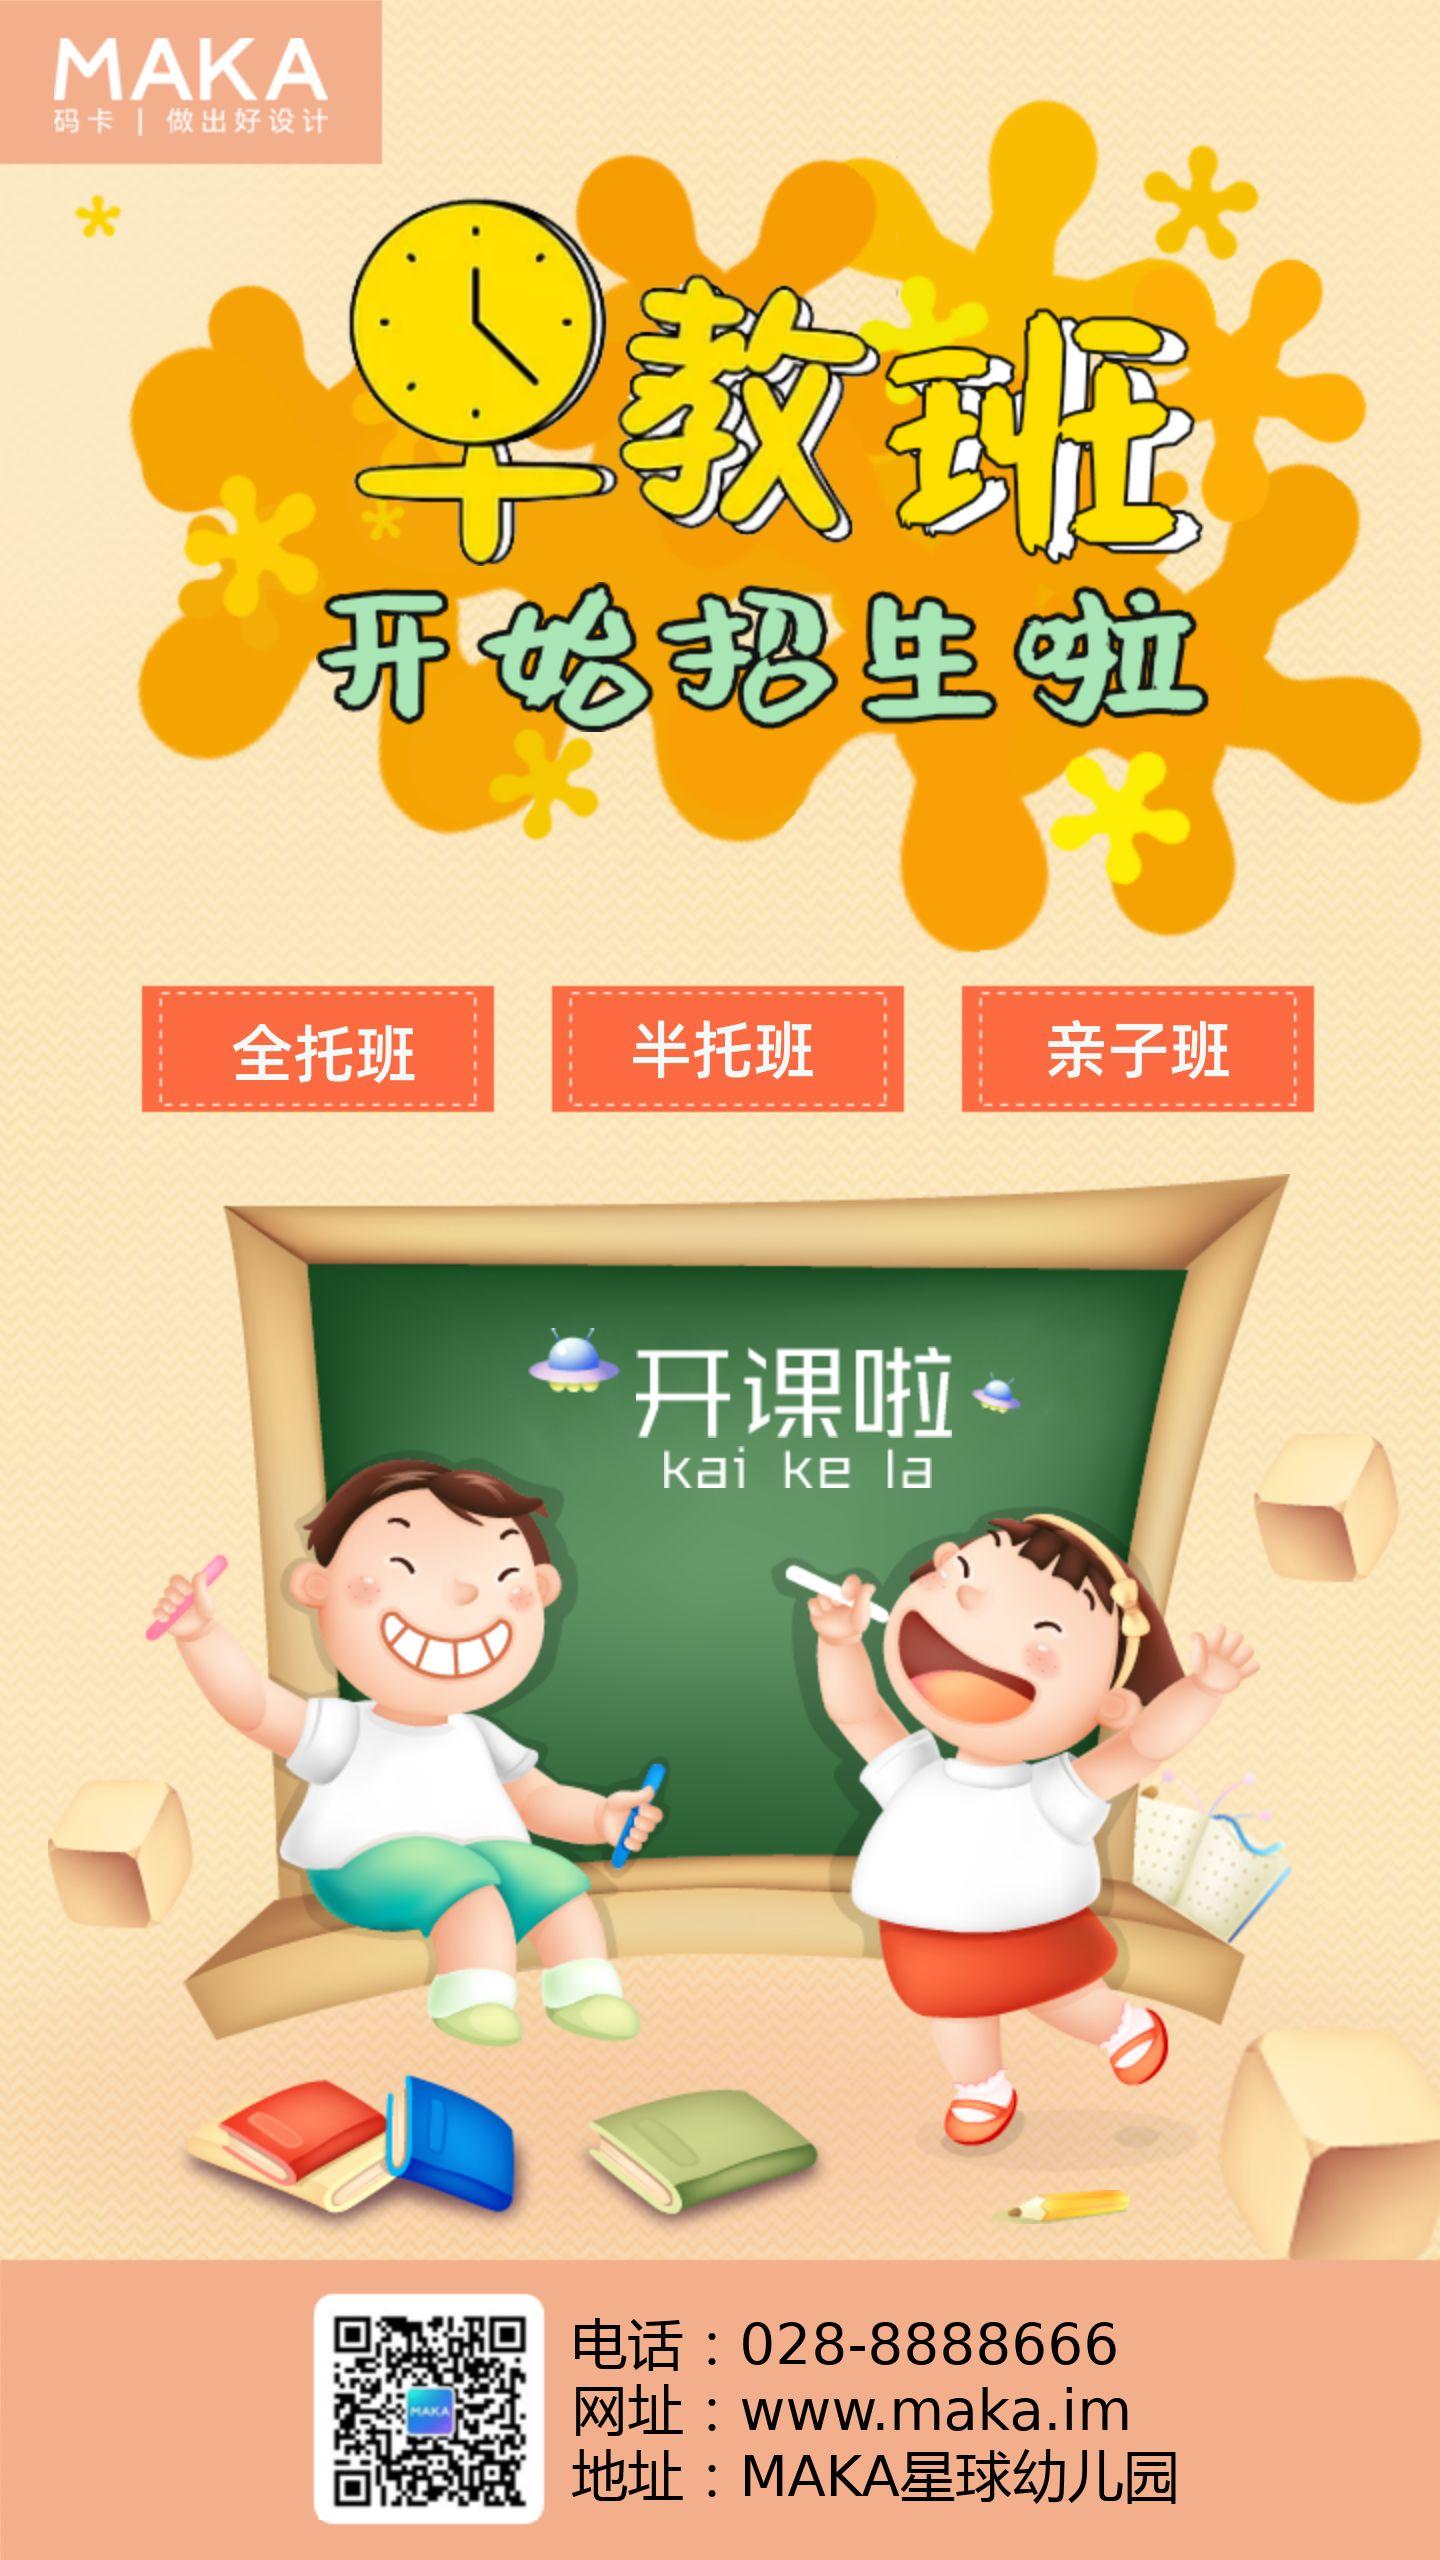 淡黄色卡通手绘早教班招生教育培训宣传海报